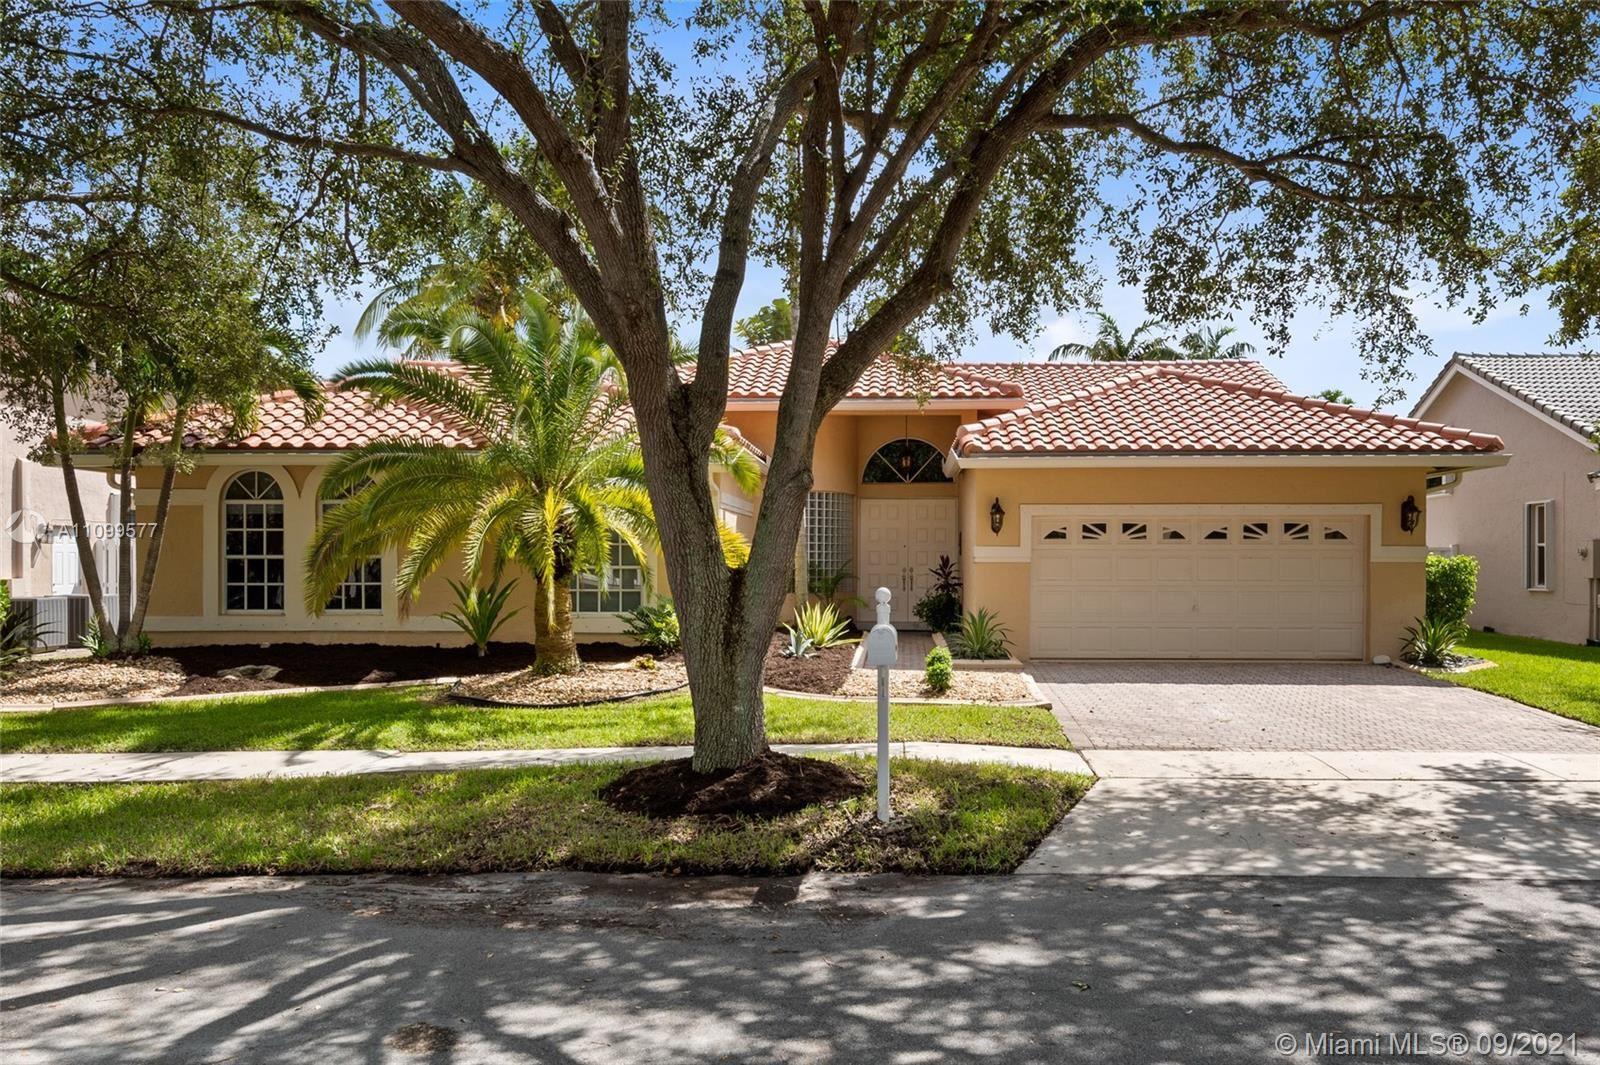 1543 NW 182nd Way, Pembroke Pines, FL 33029 - #: A11099577